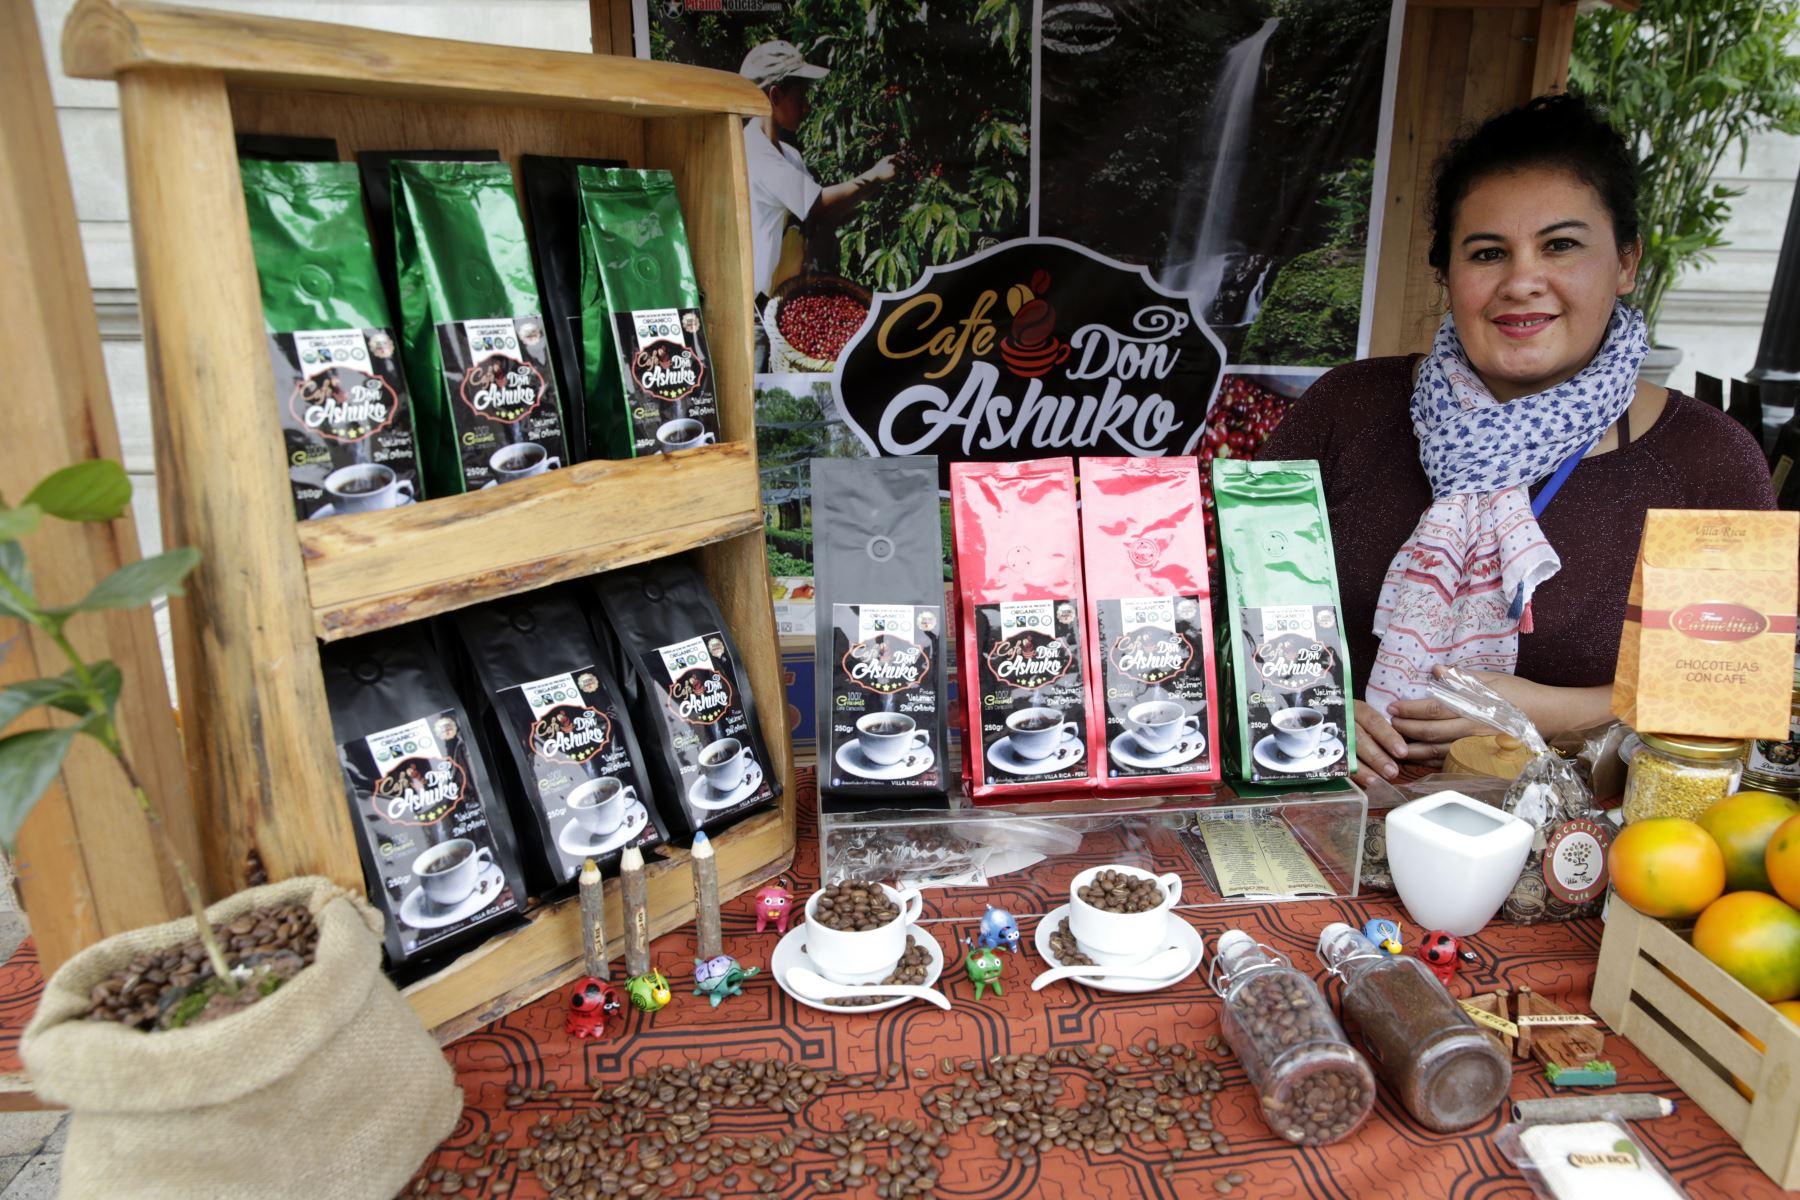 En la Expo Café Villa Rica podrá encontrar también otros productos como miel de abejas, mermeladas de productos de la región, artesanías, chorizos, entre otros. Foto: ANDINA/Melina Mejía